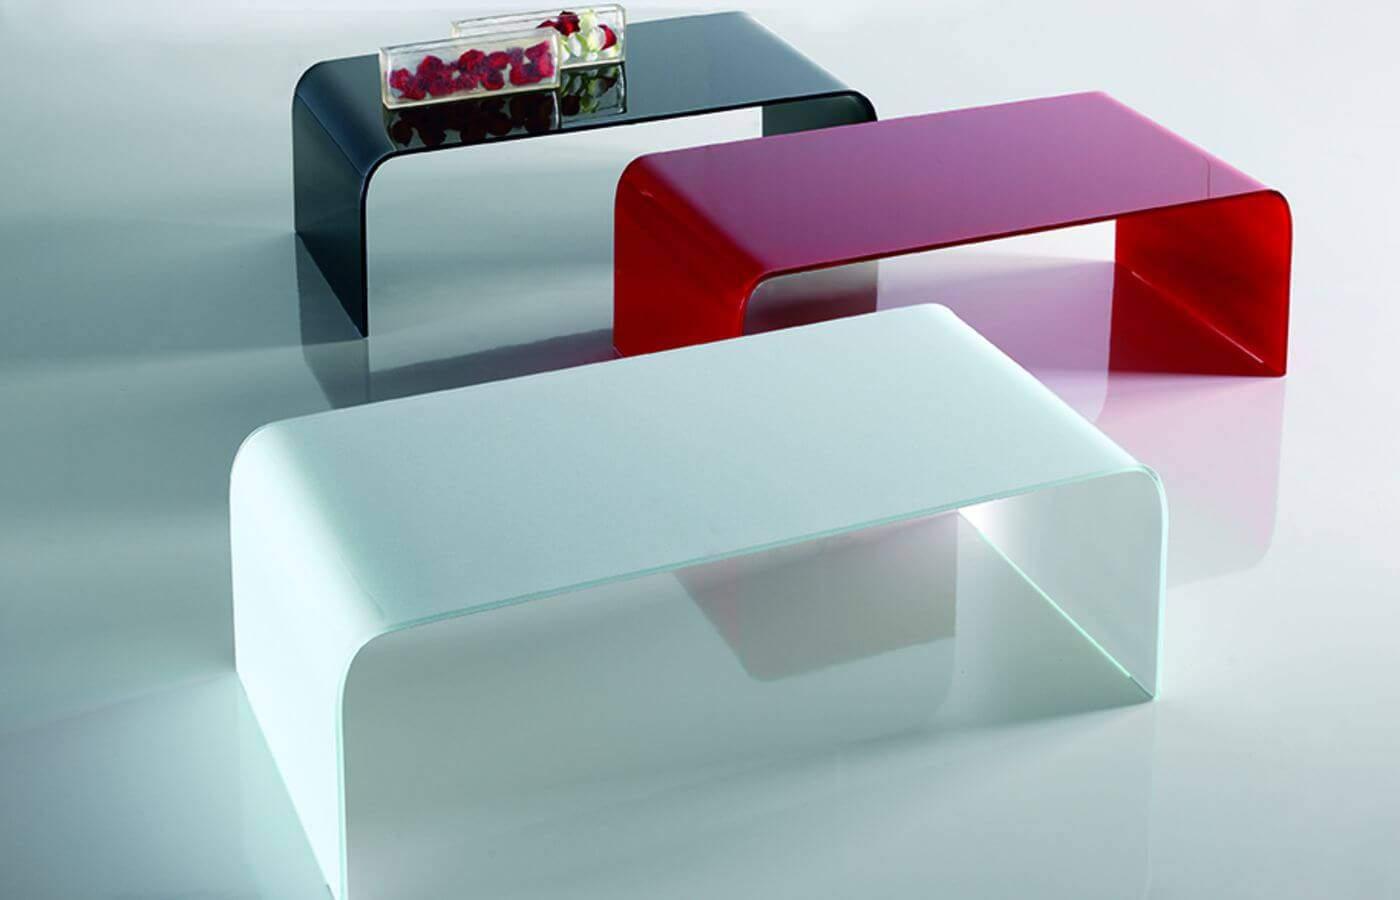 tavolini-collezione-riflessi-randa-il-mobile